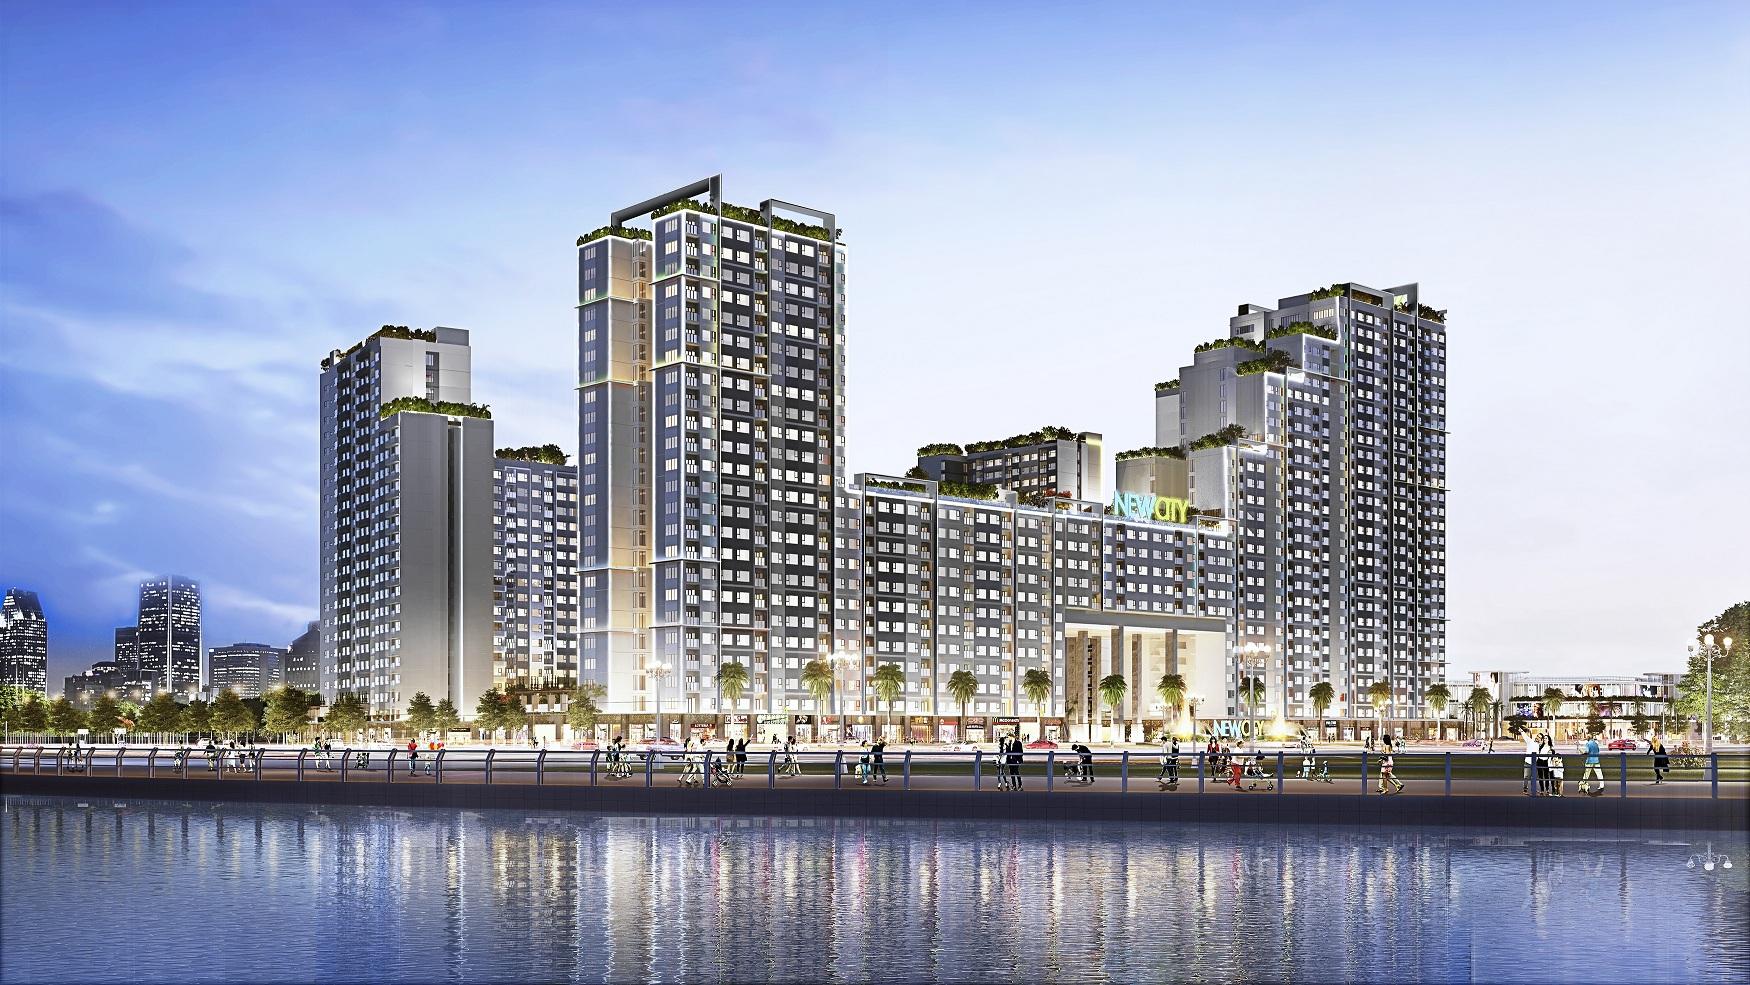 Quy mô dự án căn hộ New City Thủ Thiêm